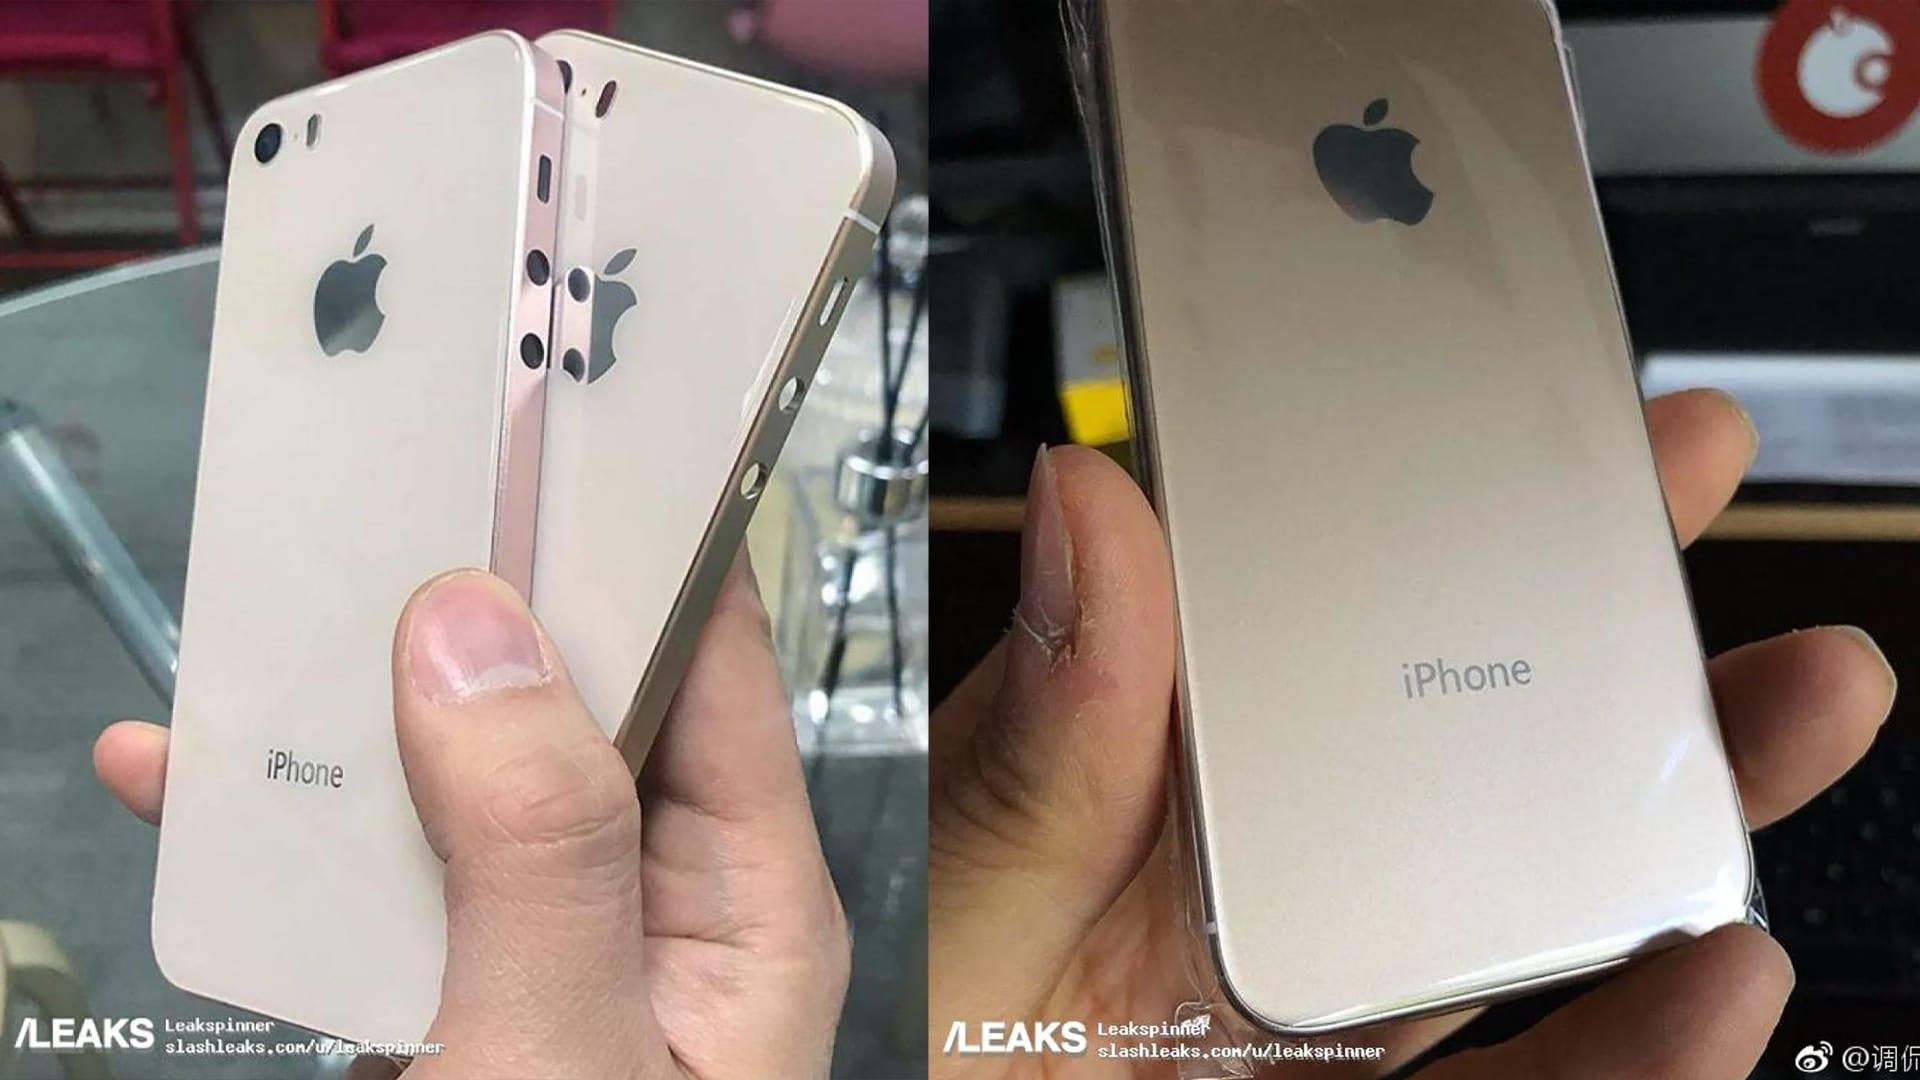 تقرير جديد يُسلط الضوء على المنتجات الجديدة القادمة من Apple في العام القادم 2020 ومن بينها هاتف iPhone SE2